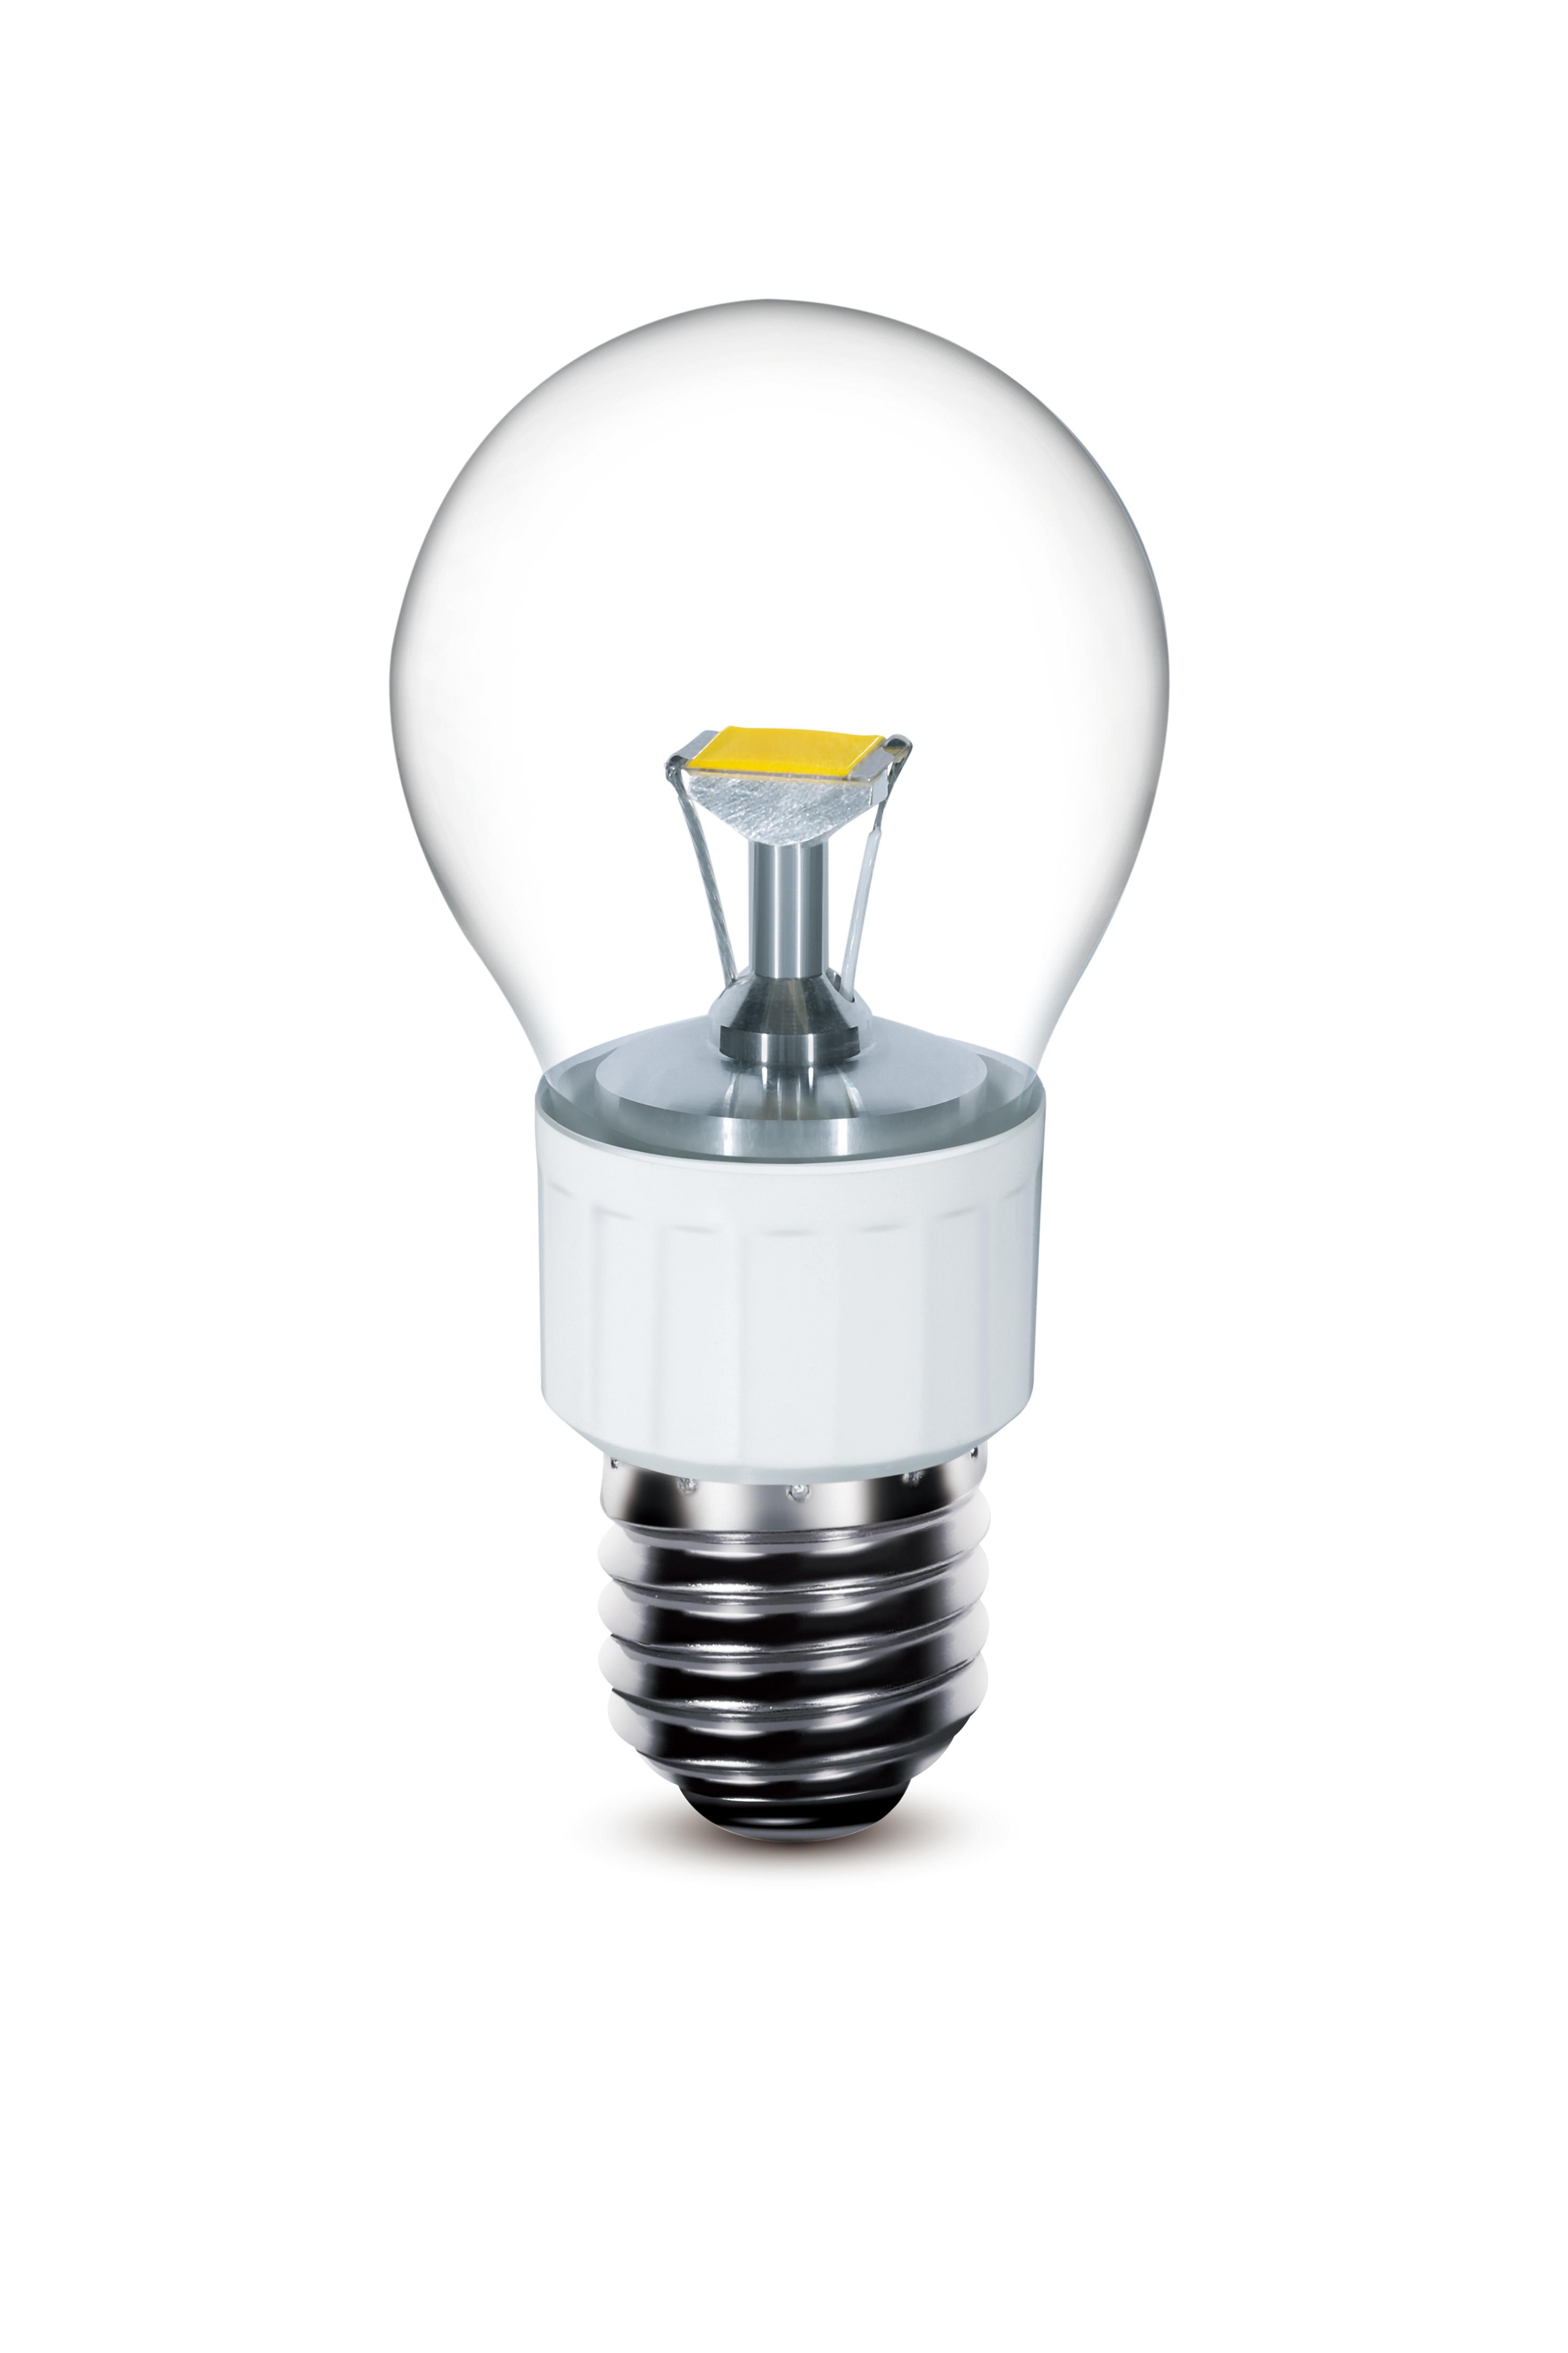 New LED